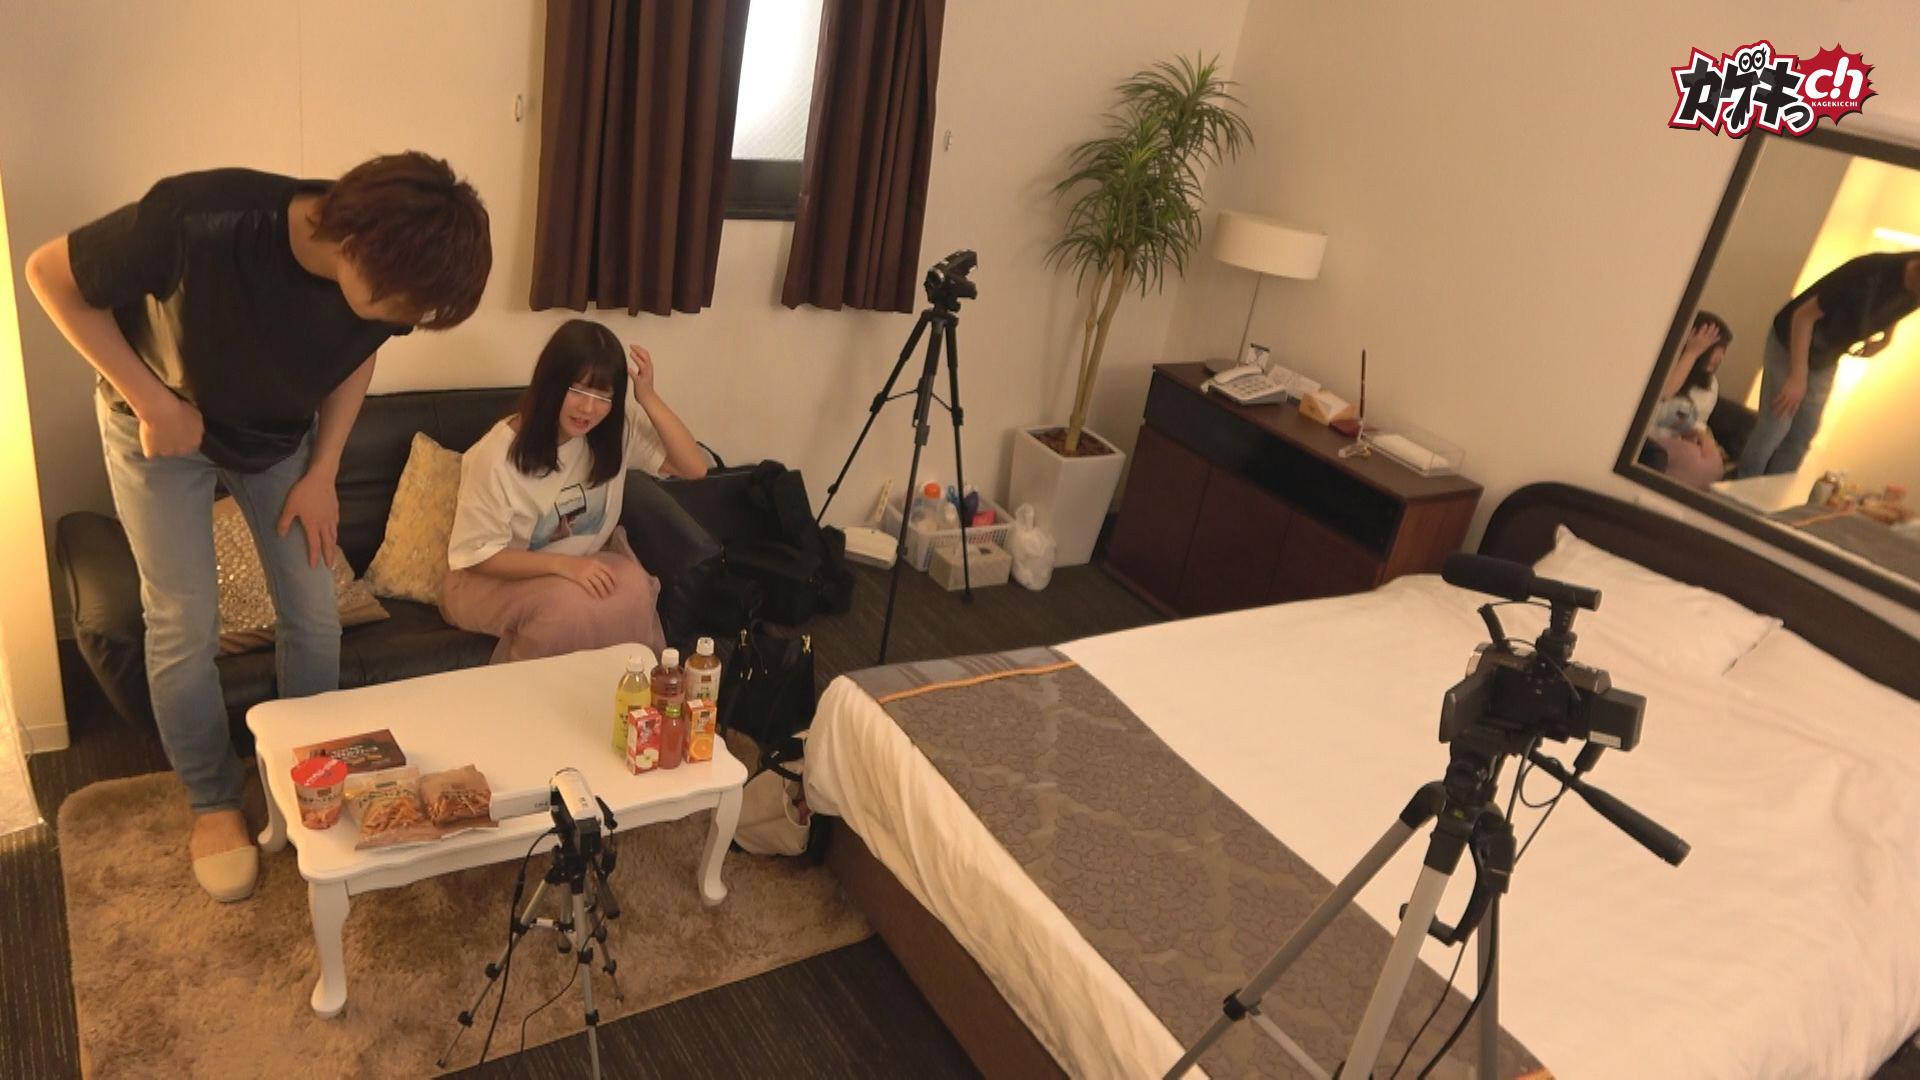 ニンゲン観察 エロ動画サイトの個人撮影にわざわざ田舎から上京してまで志願してきた、地味そうに見えて性欲沸騰してる欲求不満女のハメ撮りSEX 画像1